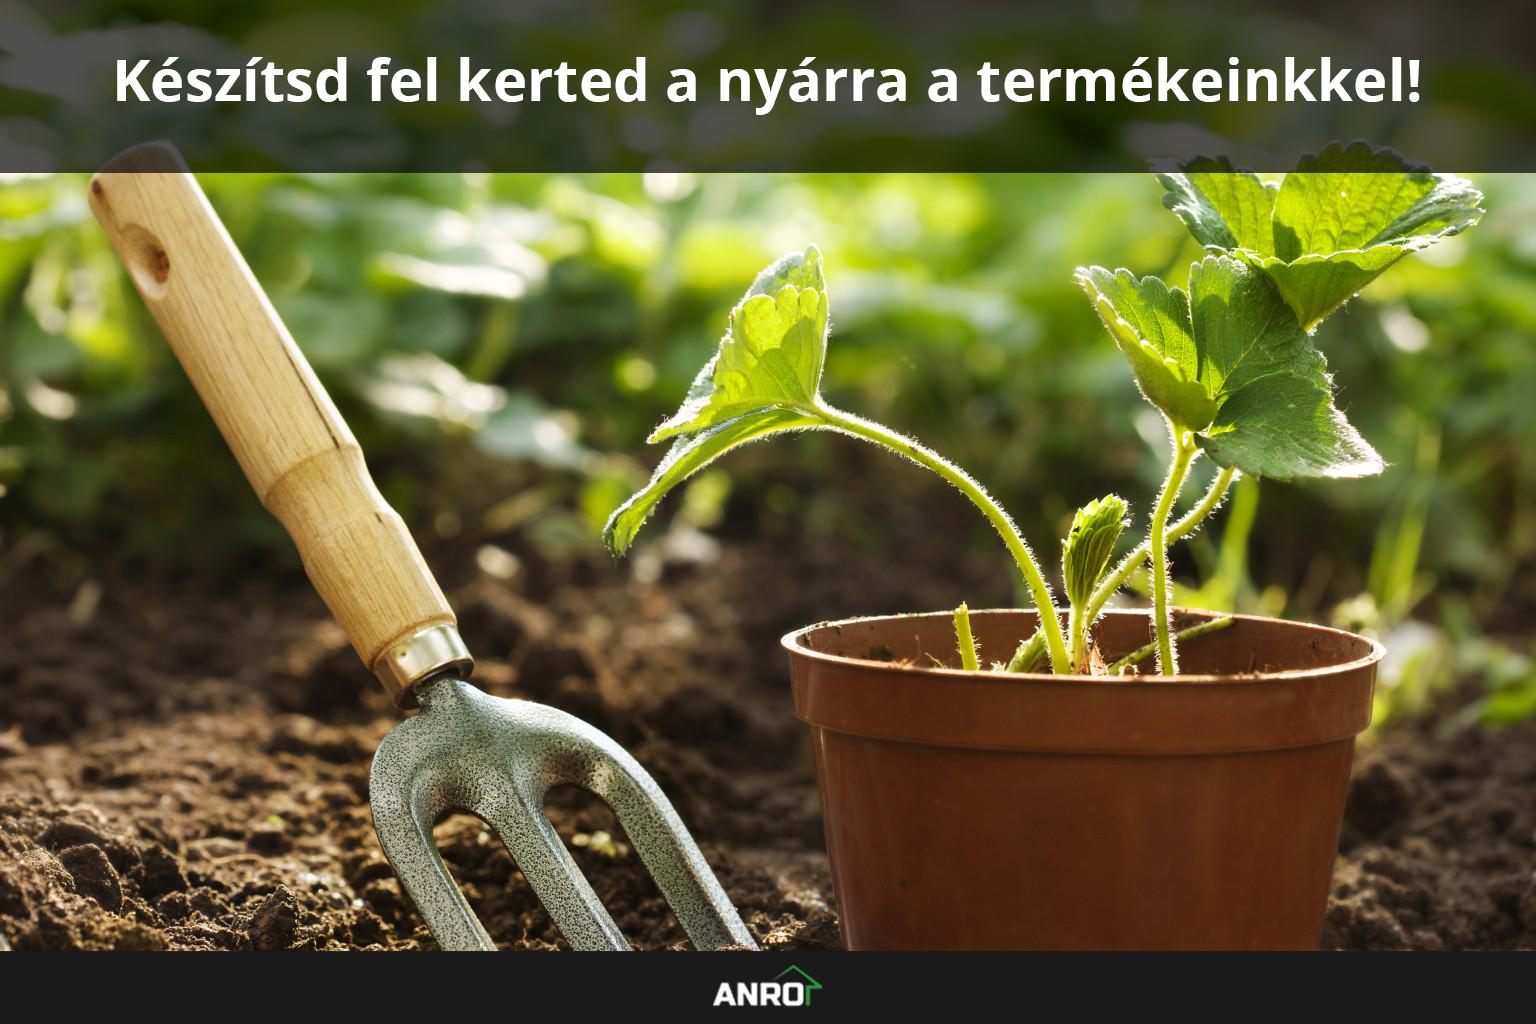 Kertészeti termékek az ANRO-nál!